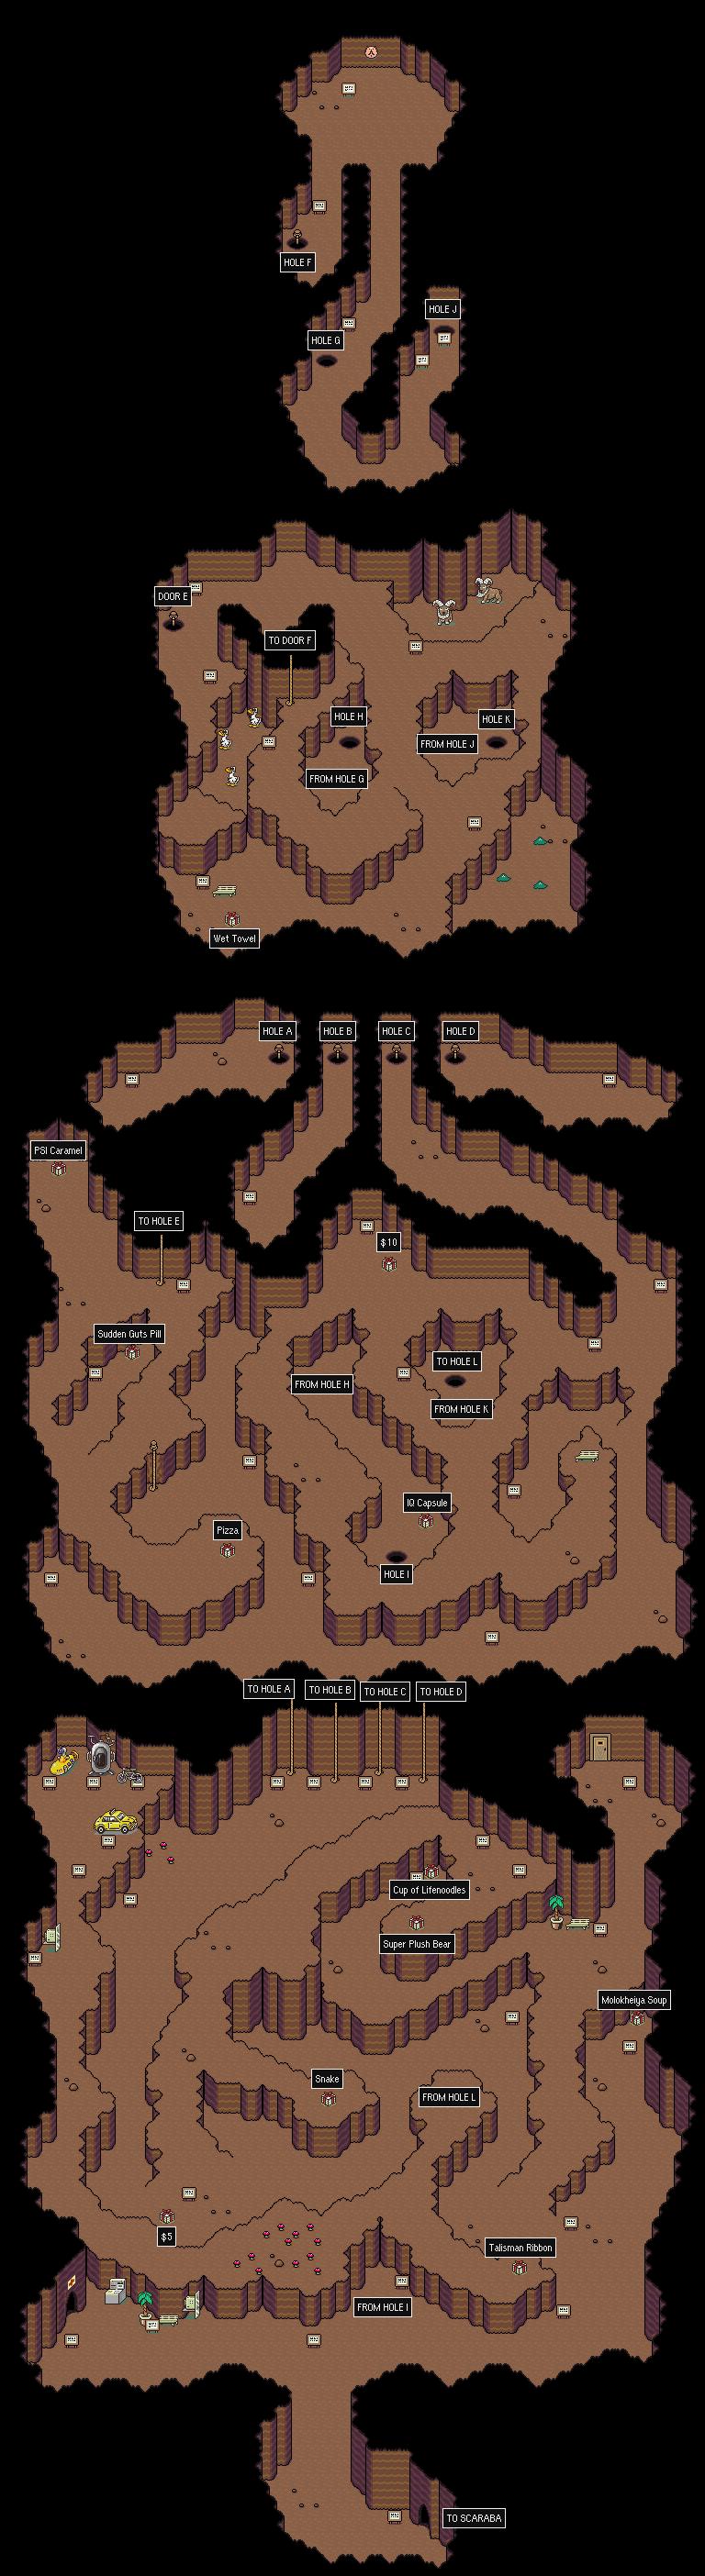 STARMEN NET - MOTHER 2 / EarthBound Maps